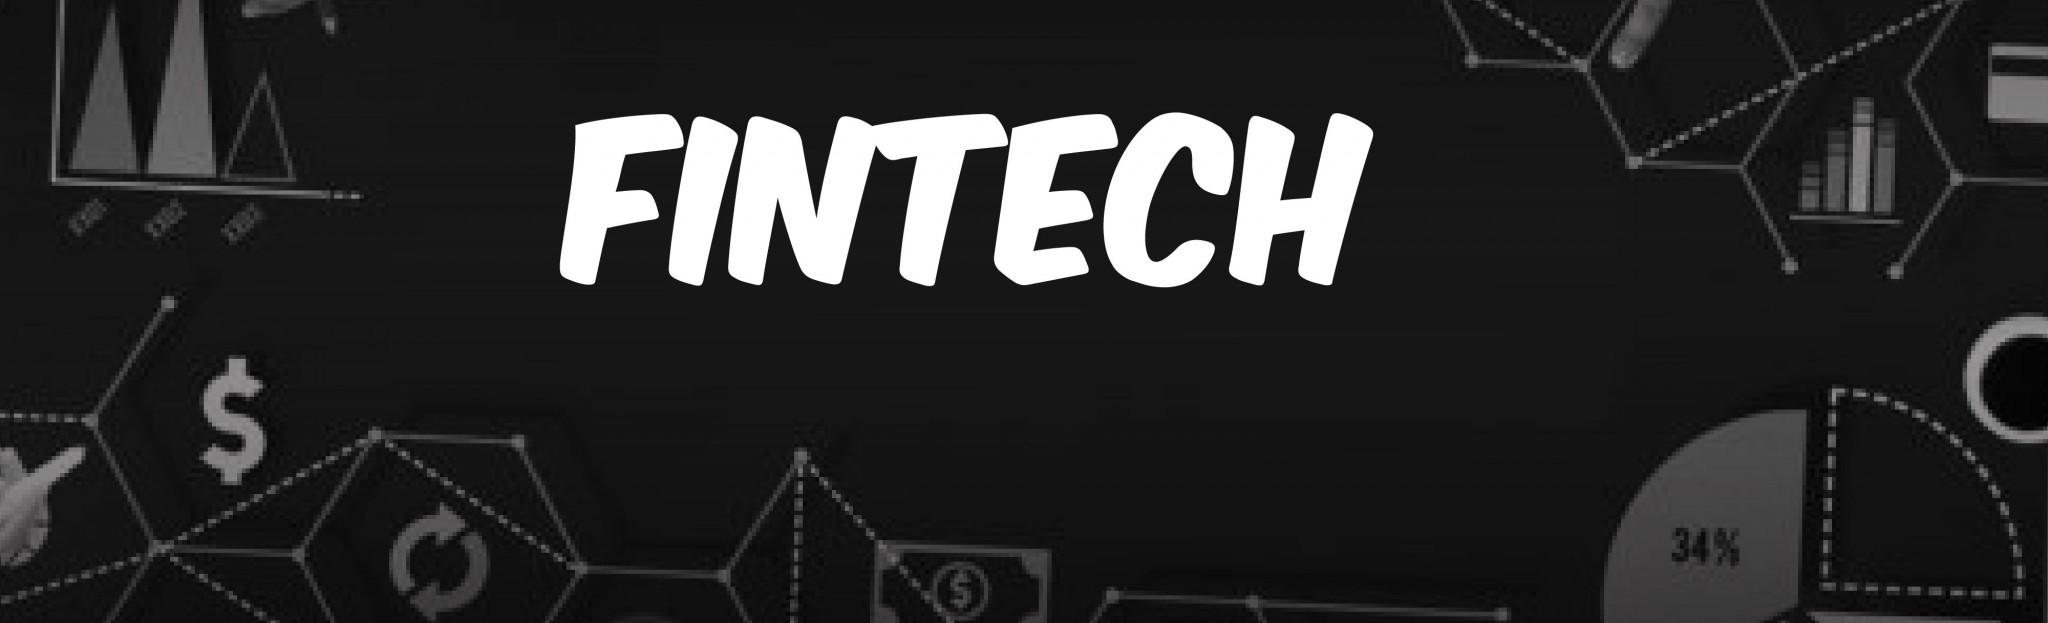 fintech startup recruitment